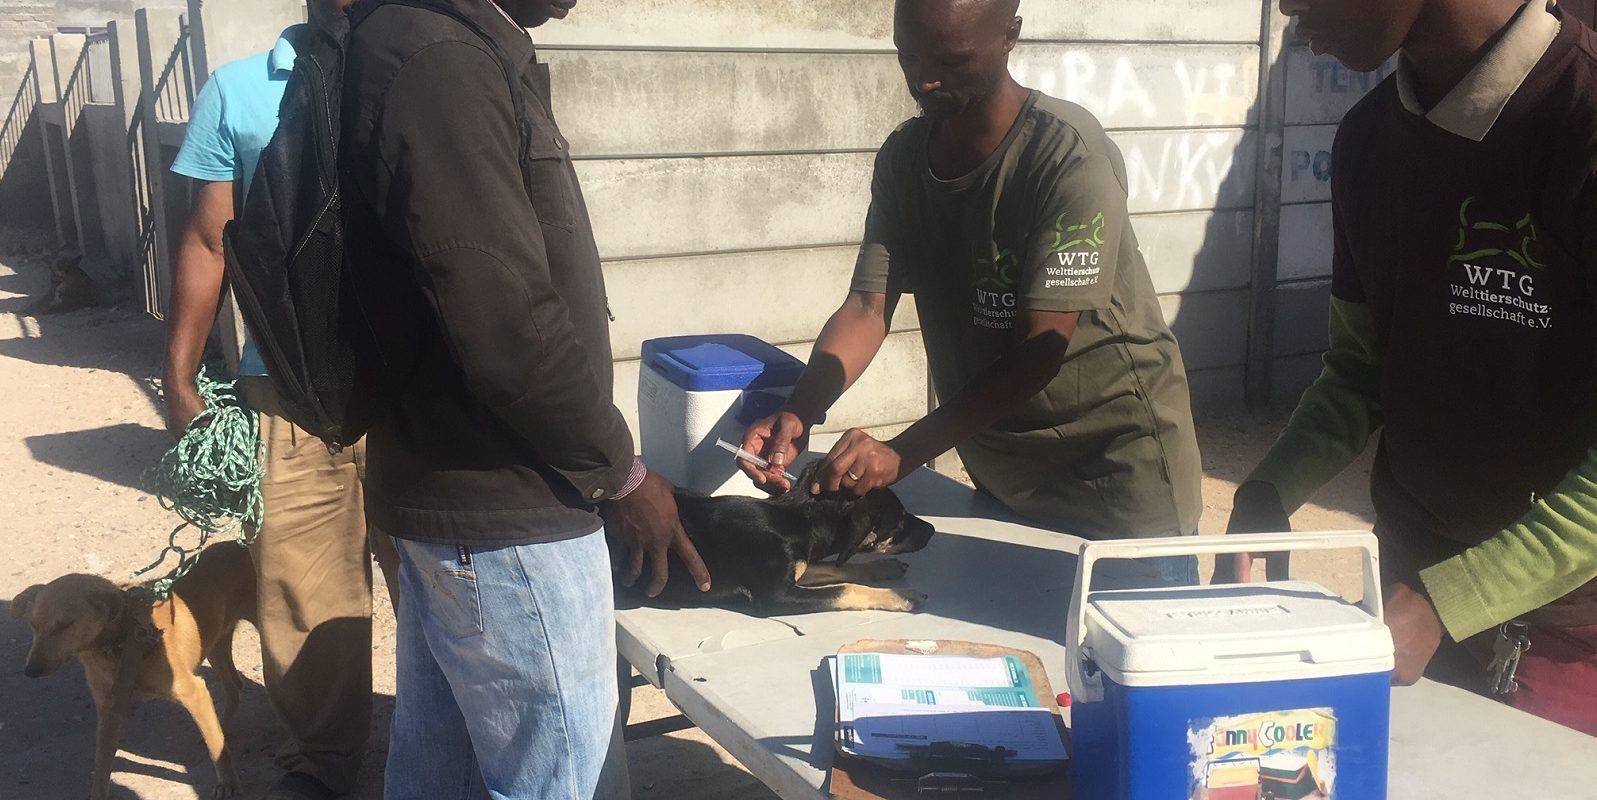 Mobile Haustierklinken in Südafrika: Entwurmungen, Impfungen, allgemeine Gesundheitschecks